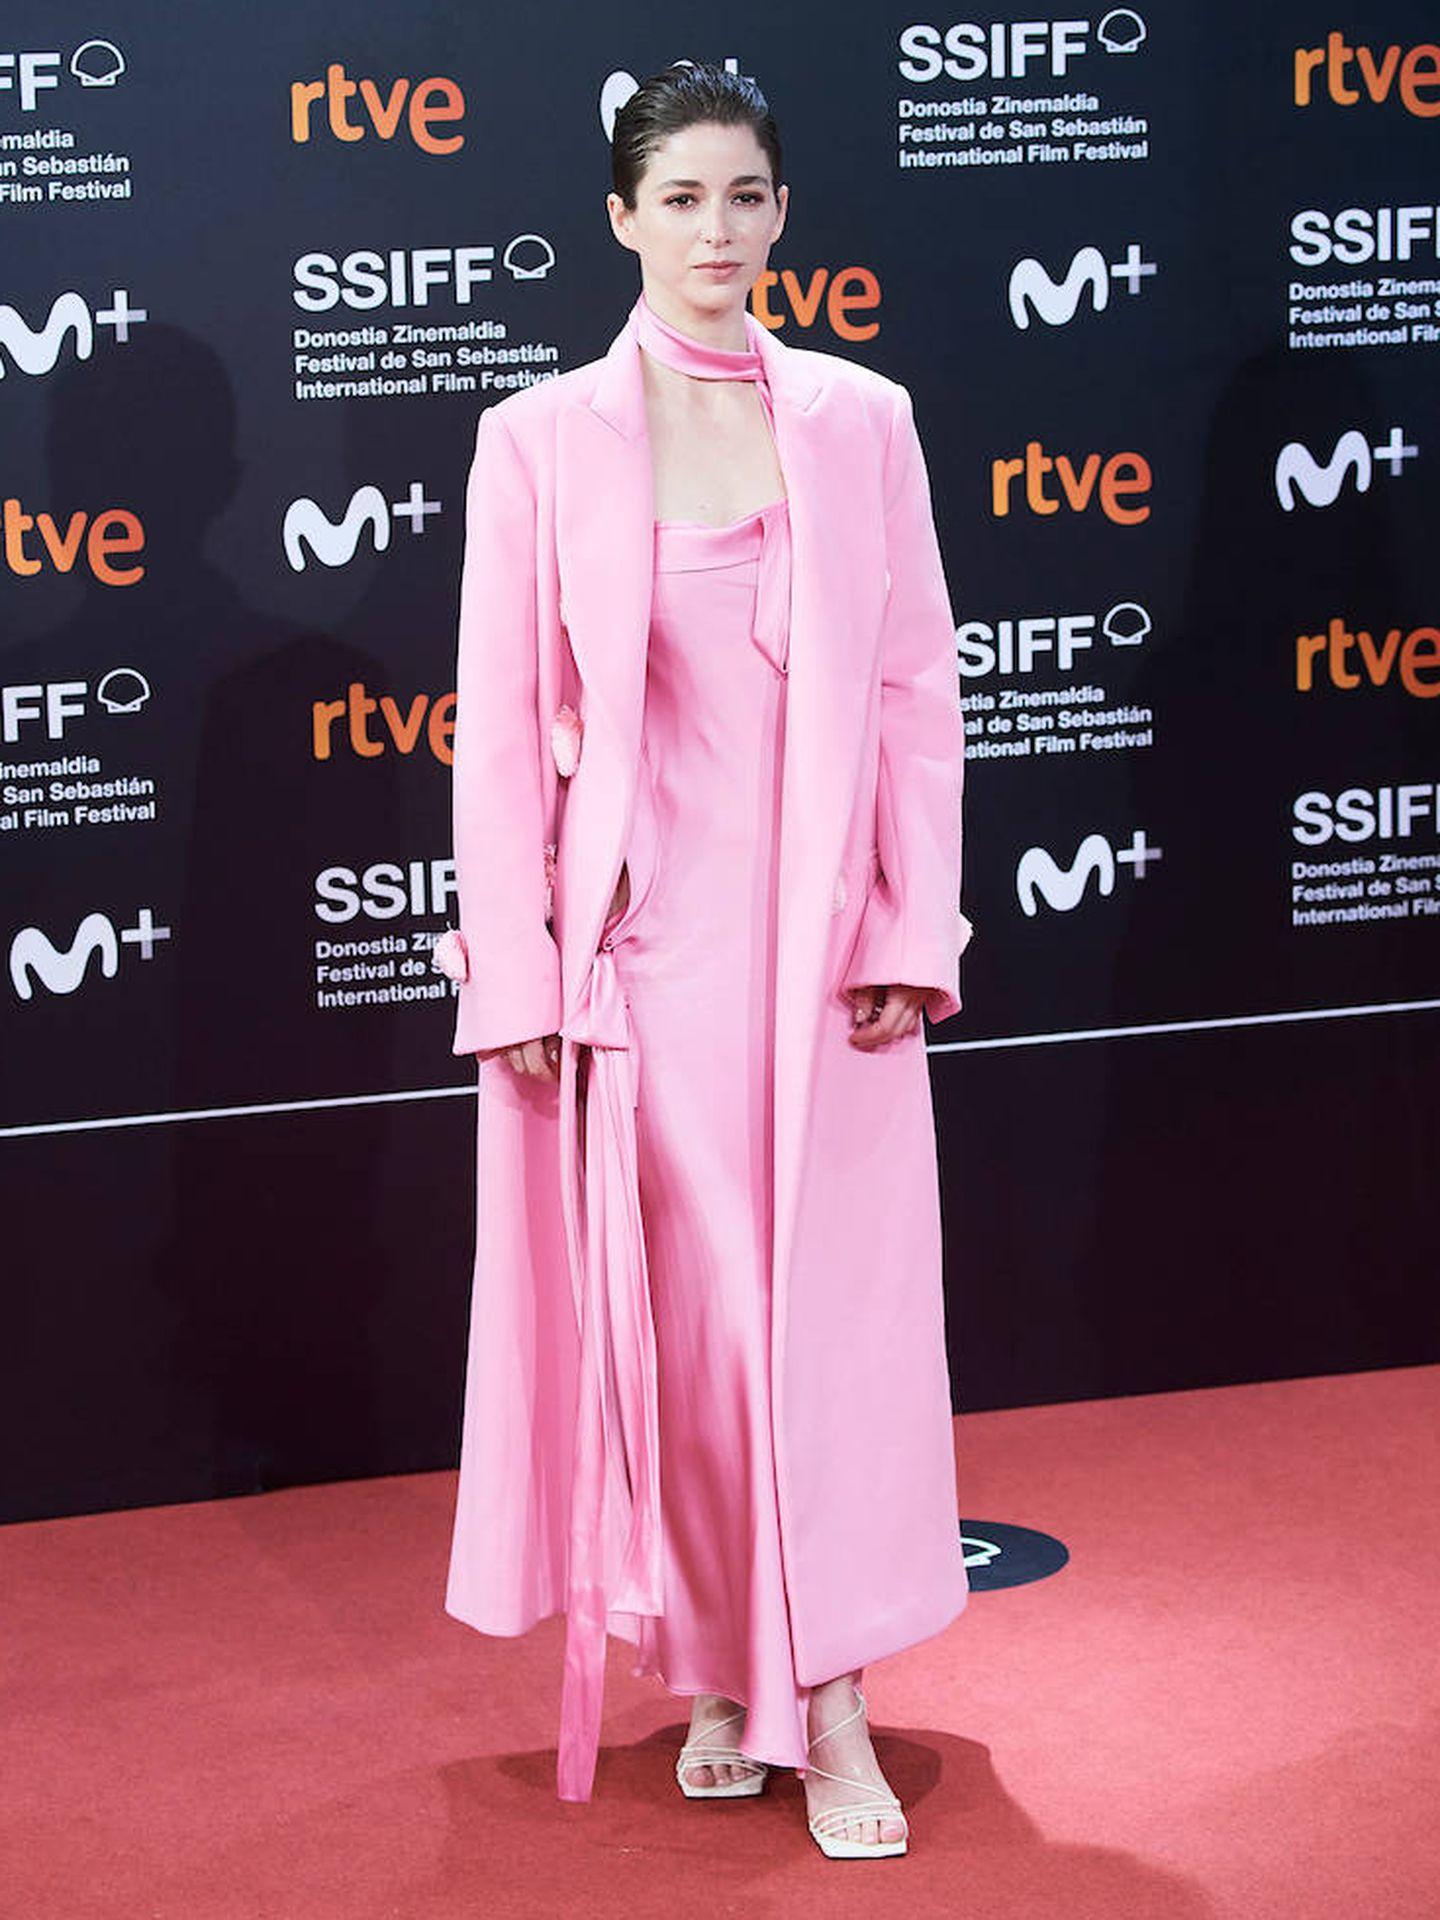 La actriz chilena Mariana Di Girolamo, con abrigo rosa oversize con botones XXL y vestido lencero del mismo color. (Limited Pictures)